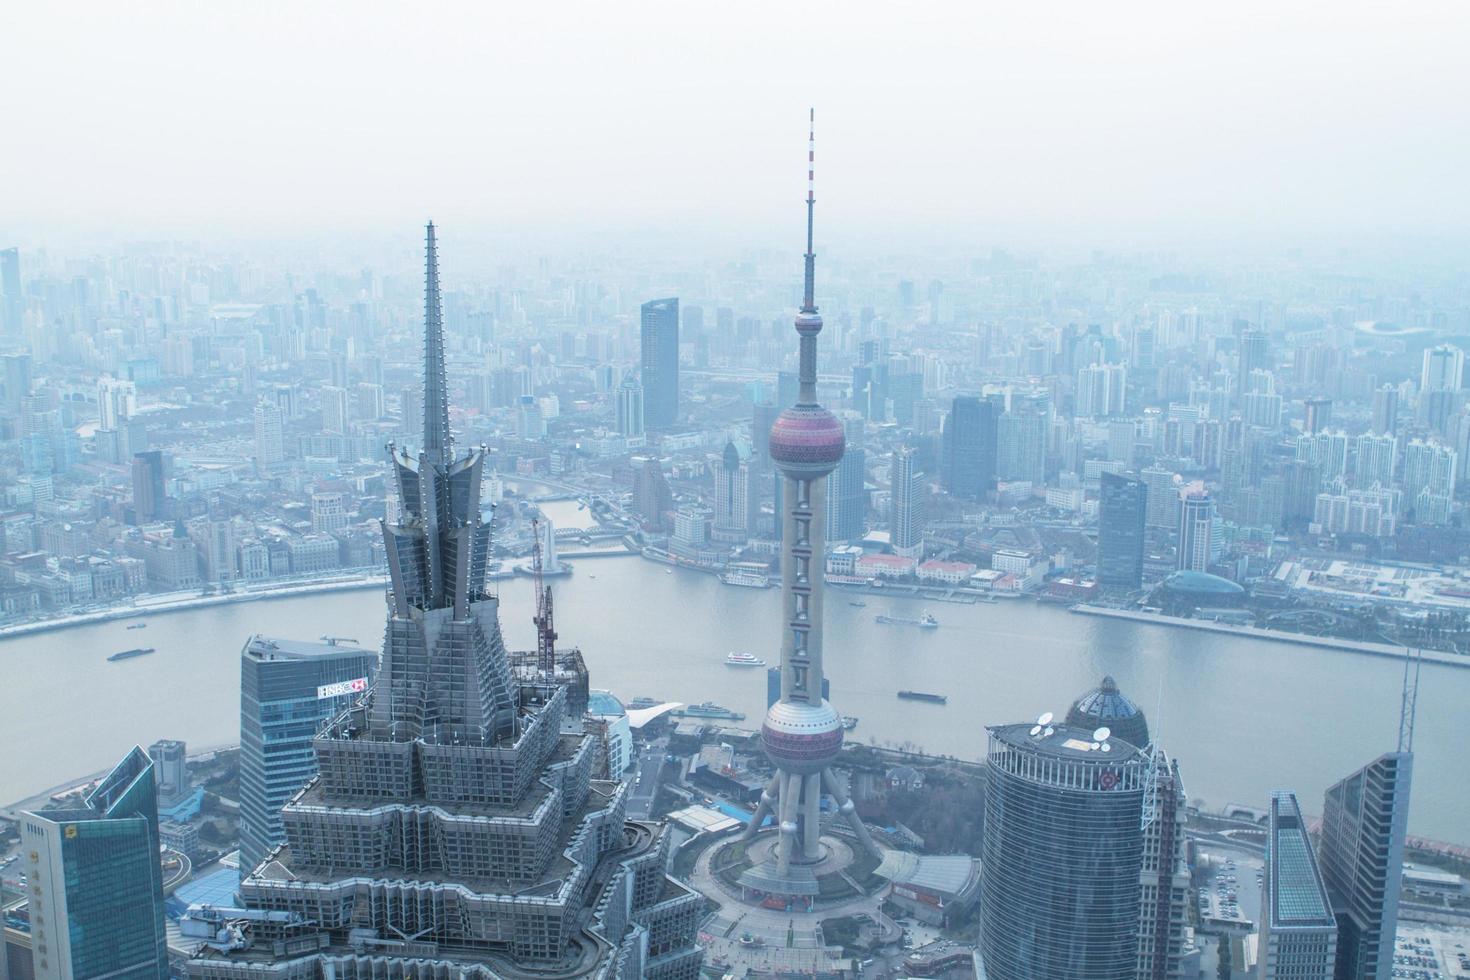 Shanghai, China, 2020 - Luftaufnahme des orientalischen Perlenturms foto